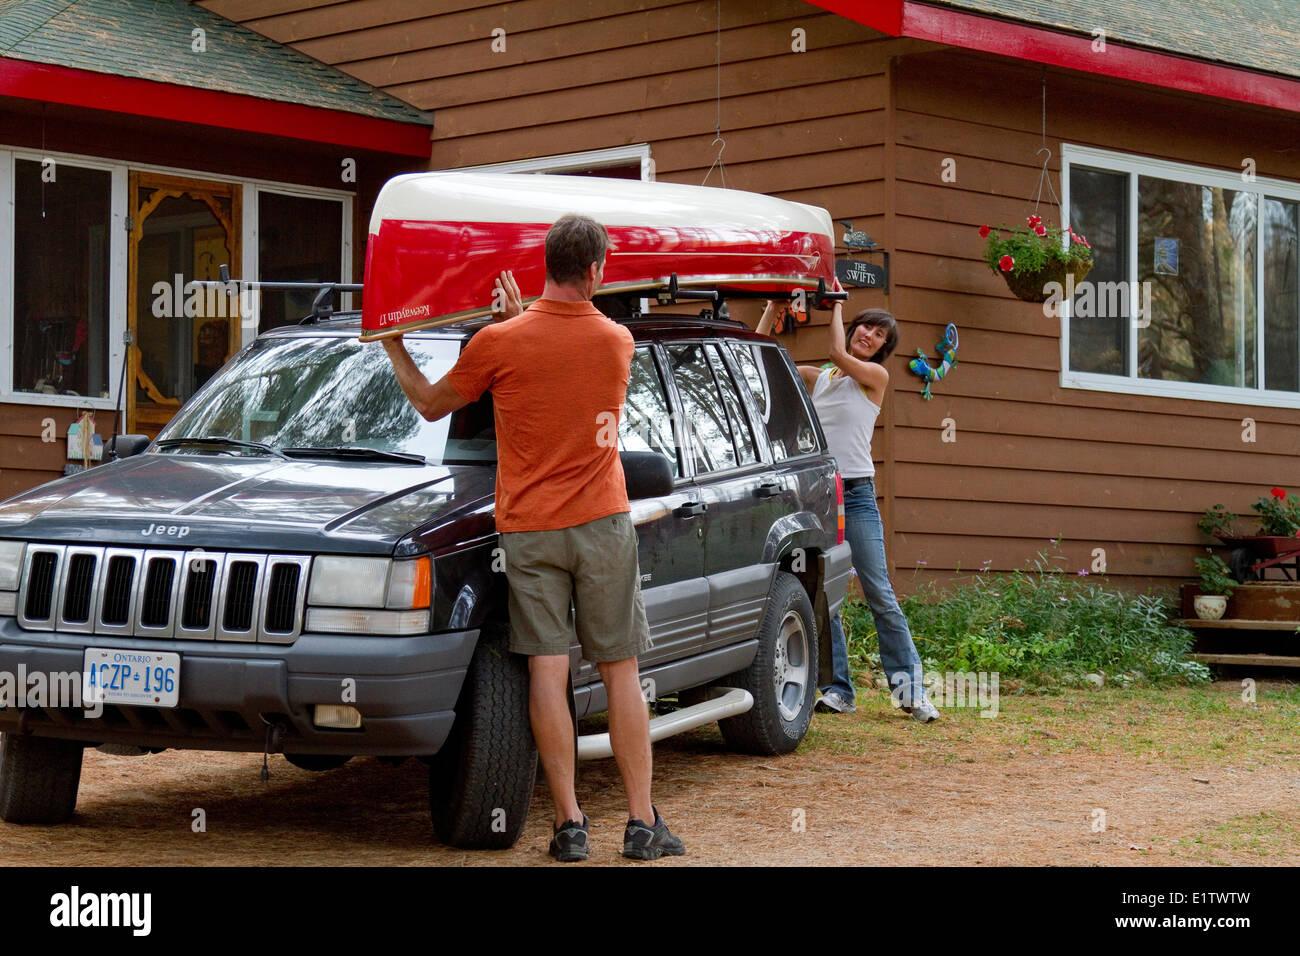 Junges Paar laden Kanu auf dem Dach des Fahrzeugs im Cottage nahe Habichtsbitterkraut See, Muskoka, Ontario, Kanada. Stockbild